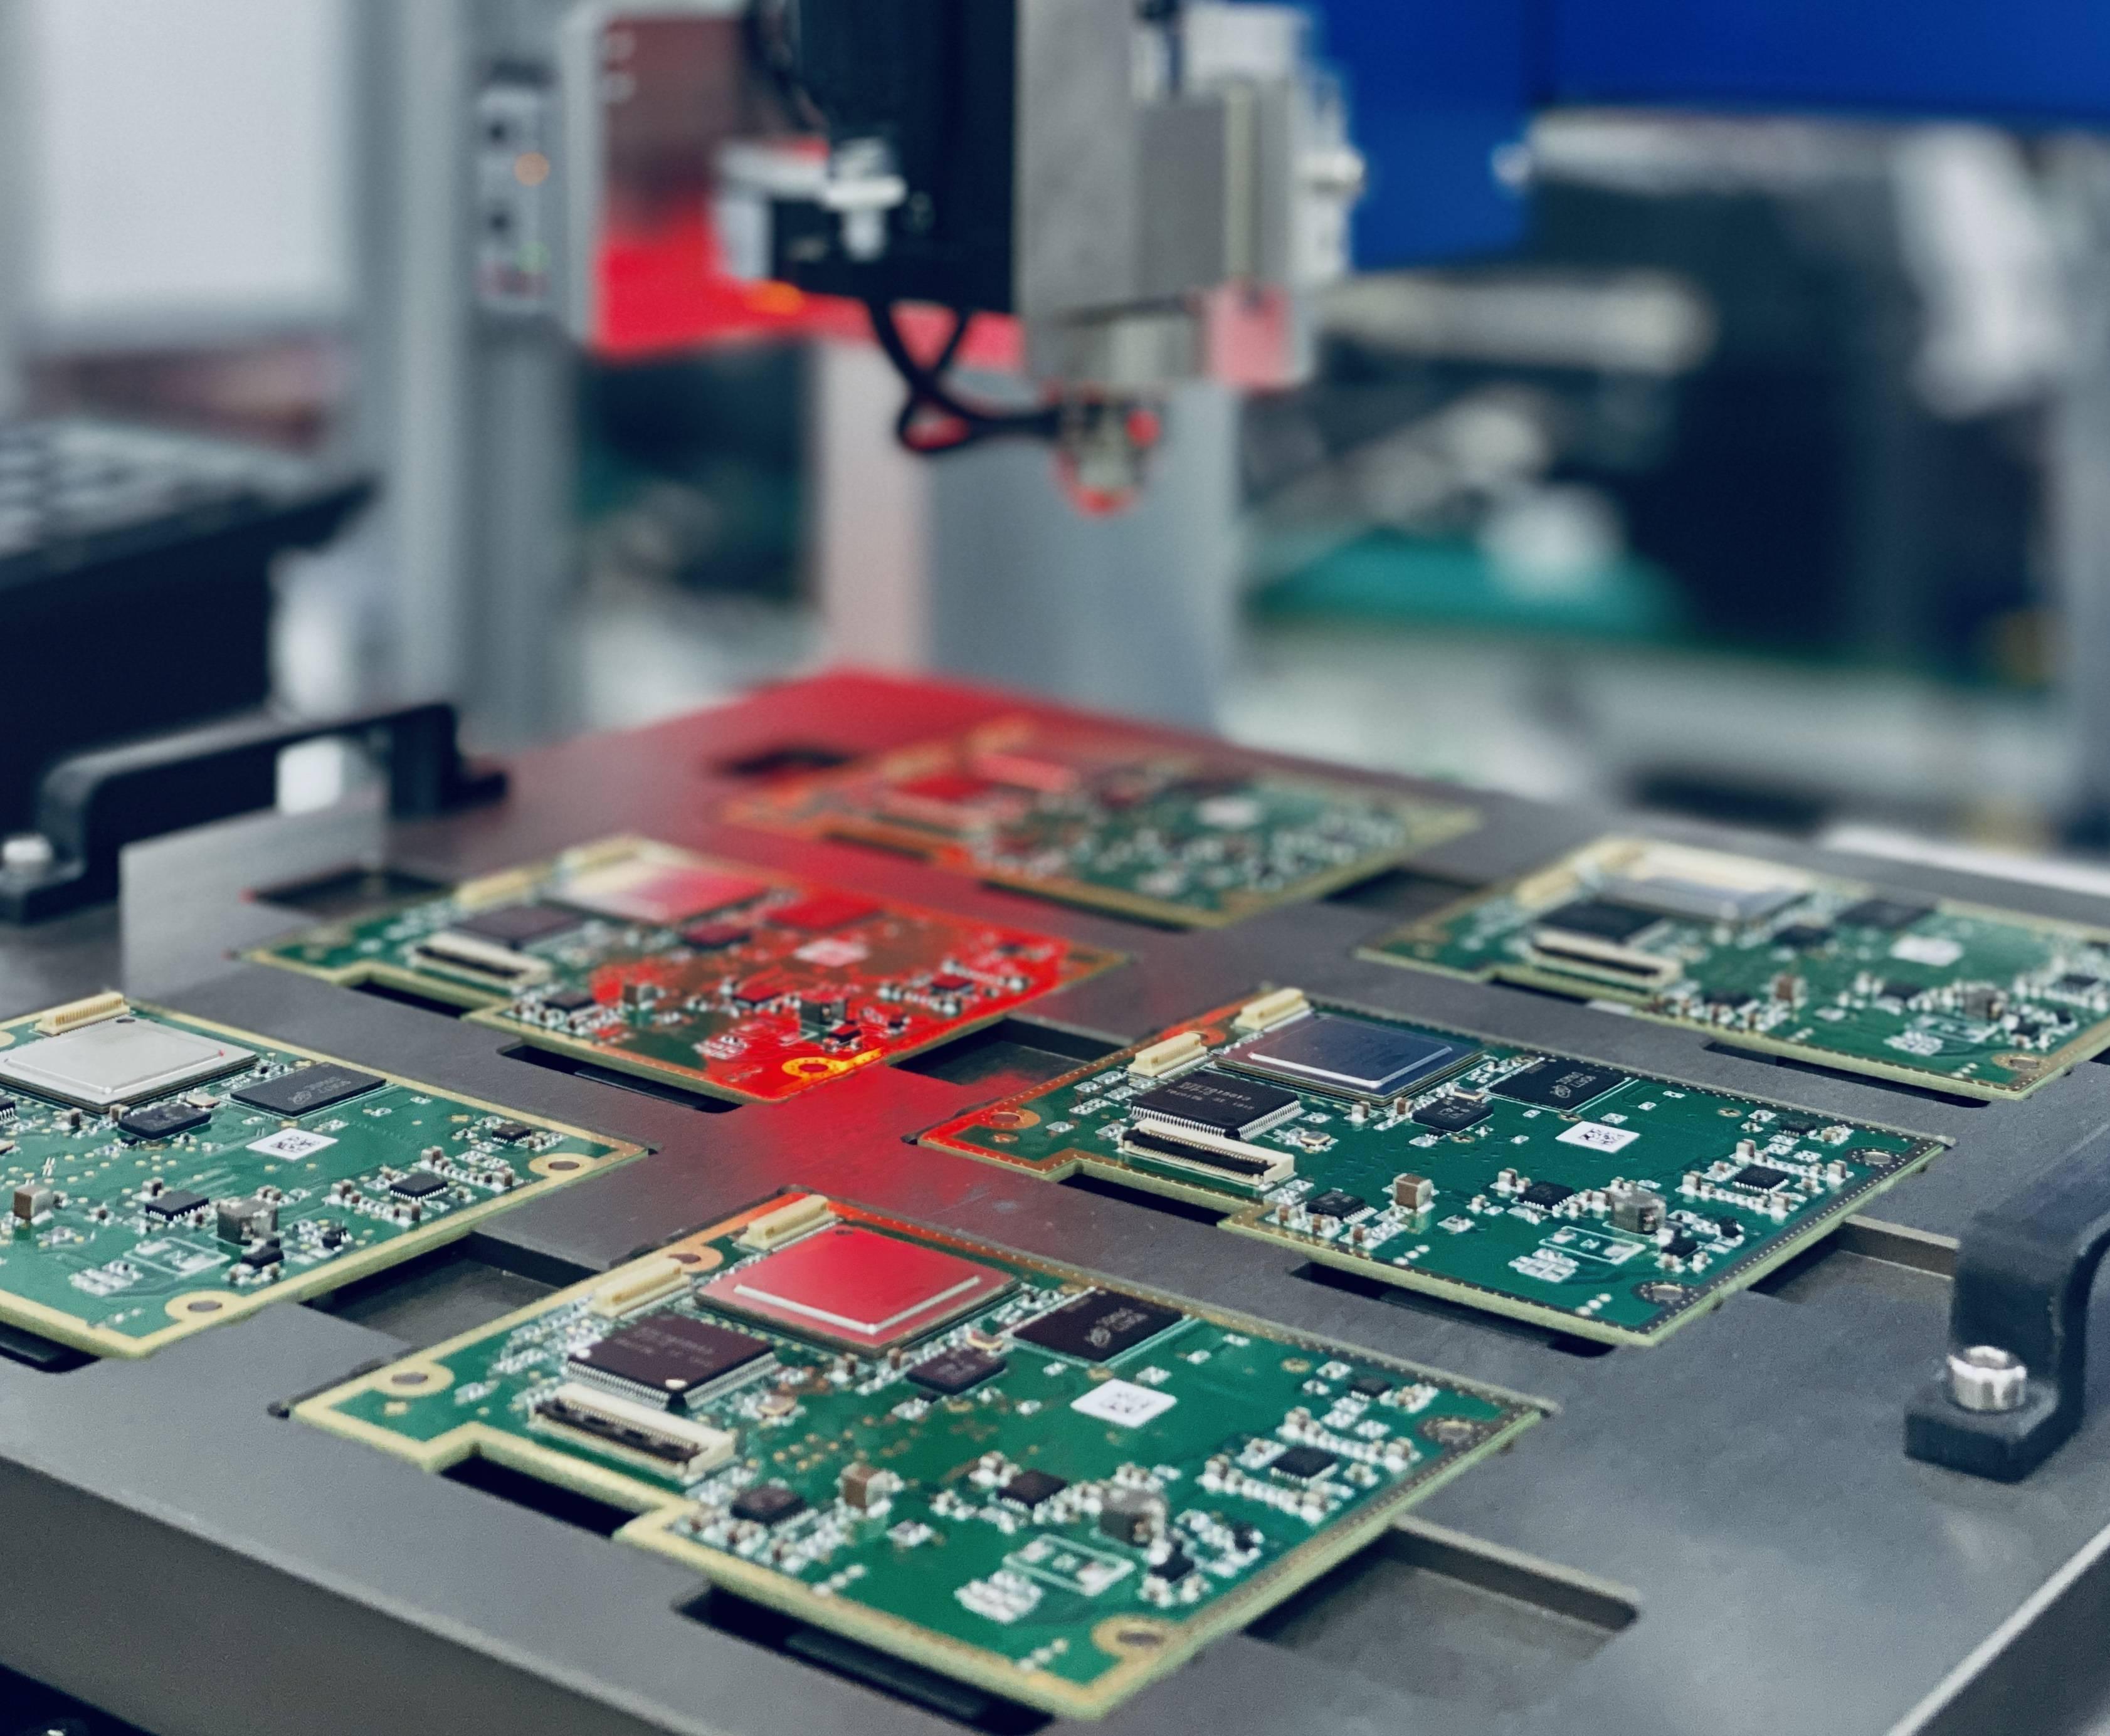 知行科技L2级自动驾驶智能摄像头生产线